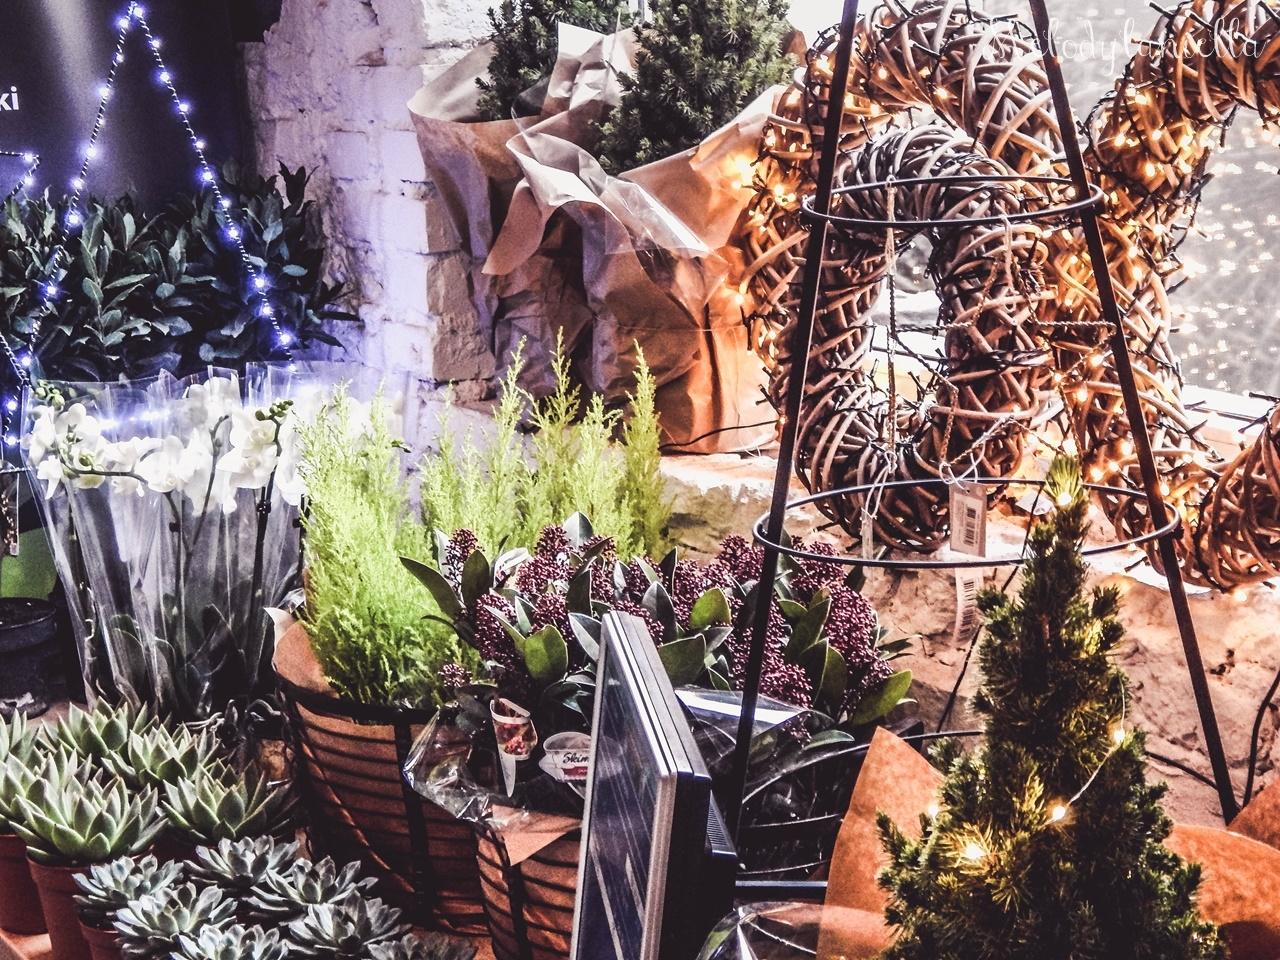 30 nietypowy jarmark świąteczny piotrkowska 217 co dzieje się w łodzi dwukropek ogrody zofii bożonarodzeniowy jarmark targ świąteczny świat z lukru pierniki świąteczne łódź biżuteria handmade piando zigner